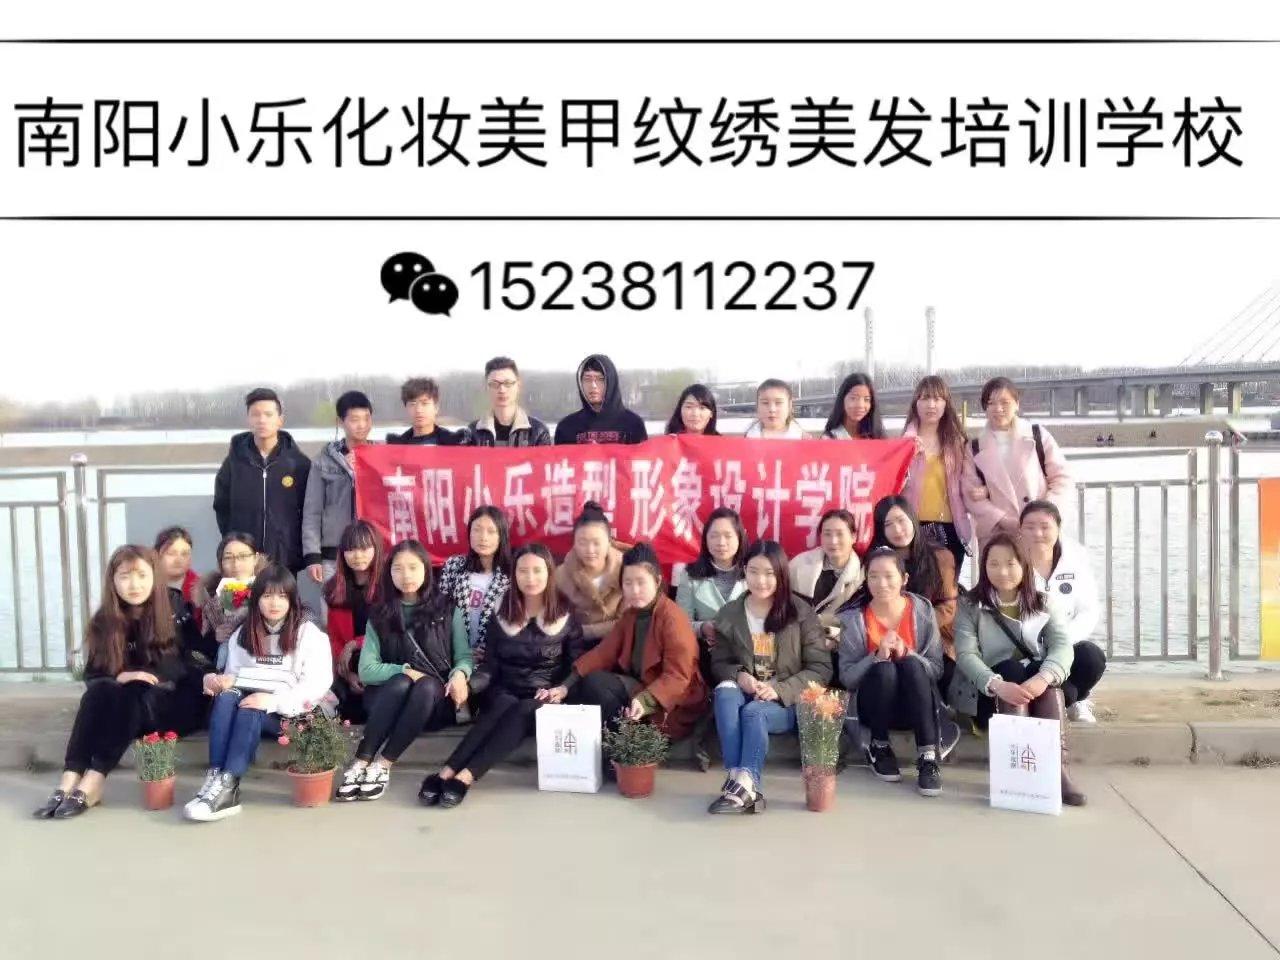 河南省商务学校图片